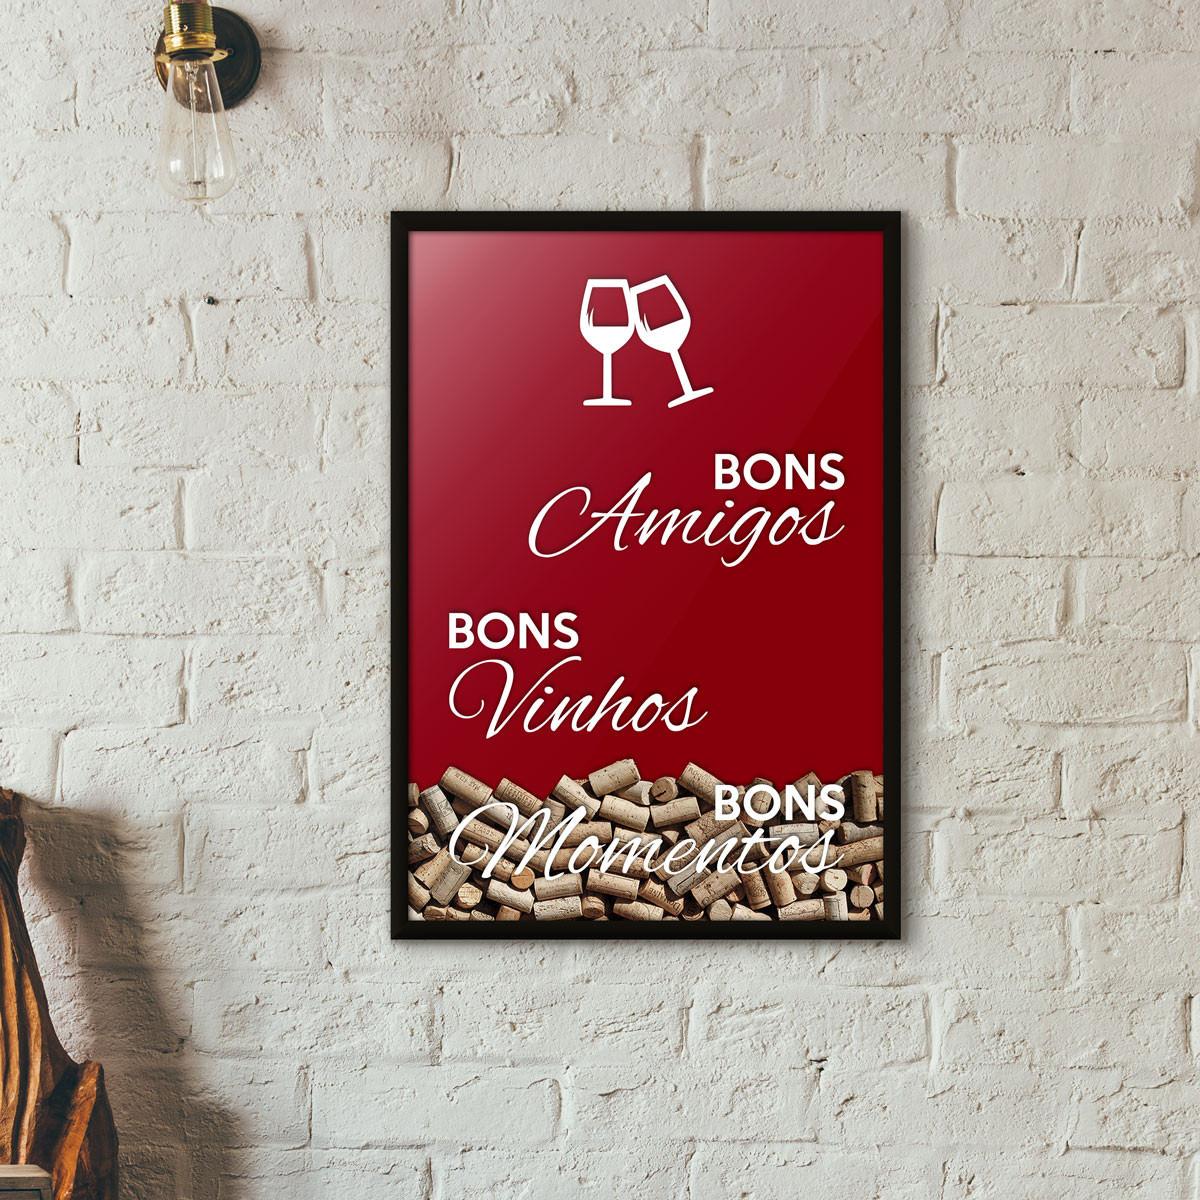 """Quadro Porta Rolhas de Vinho - """"Bons Amigos Bons Vinhos Bons Momentos"""" Vinho"""